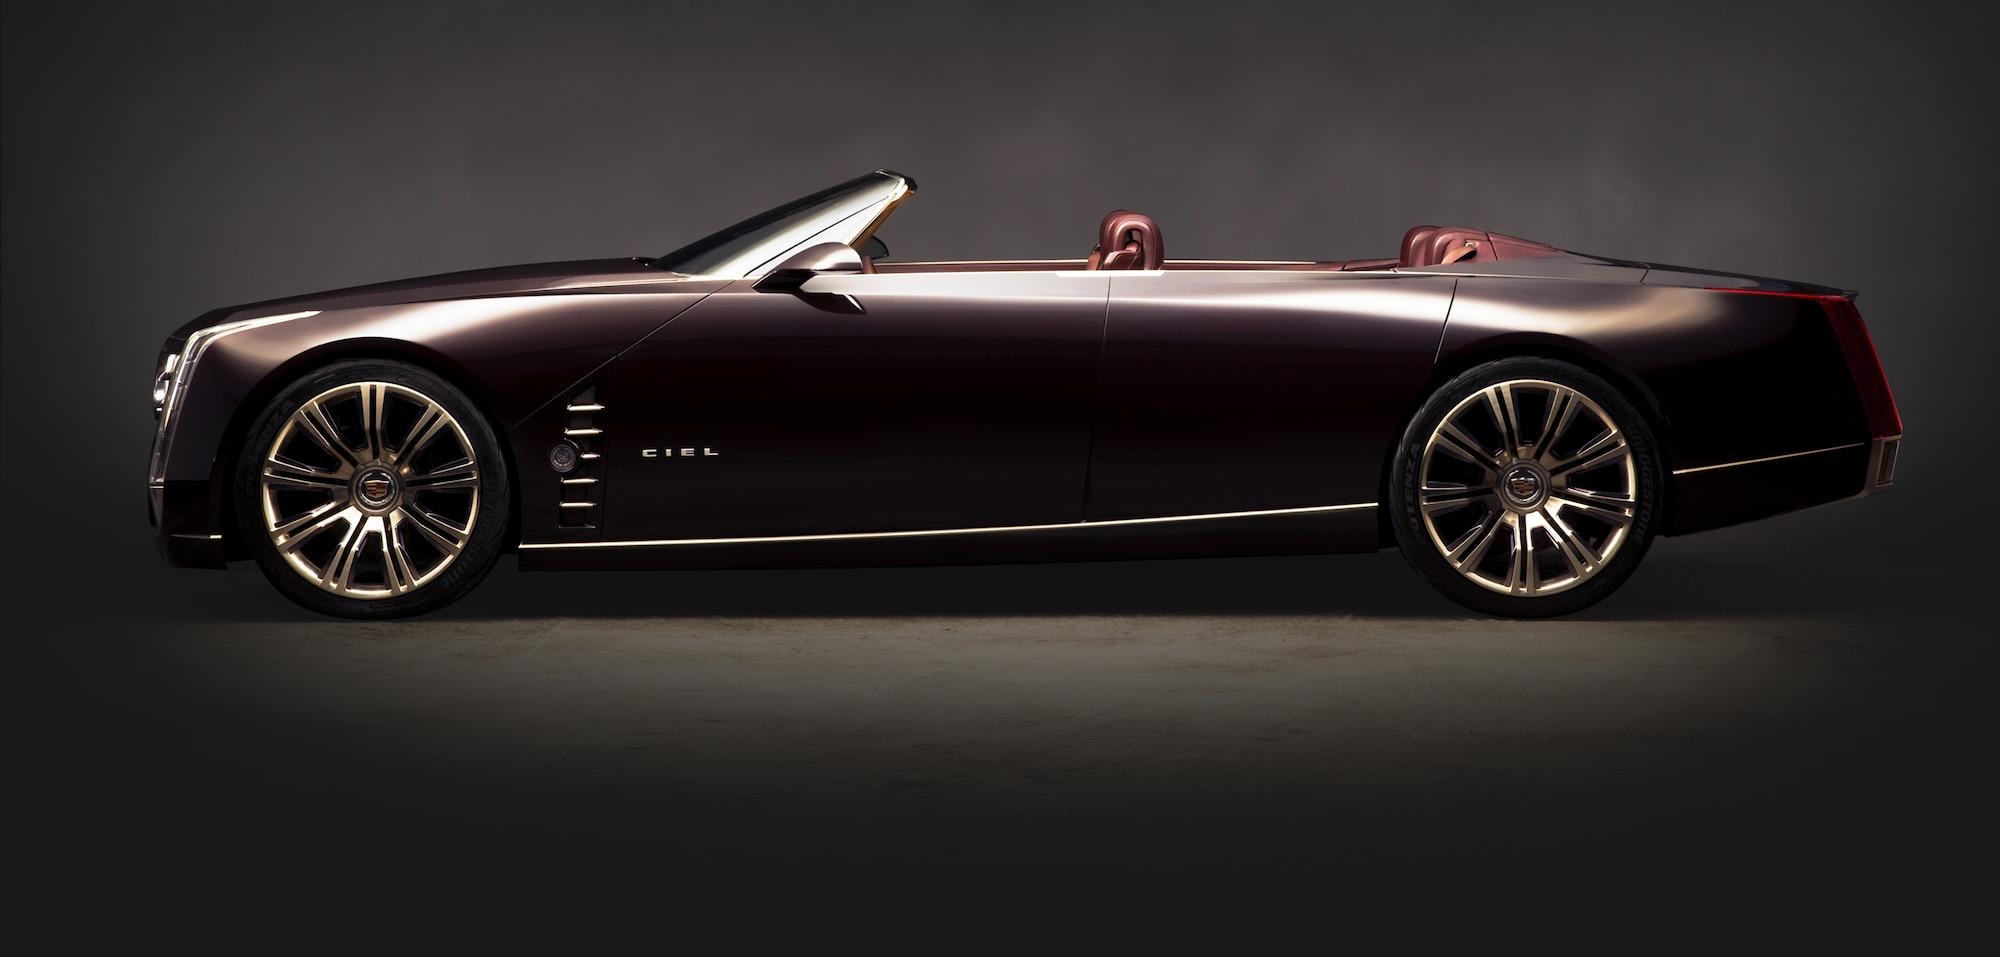 Cadillac concept ciel price